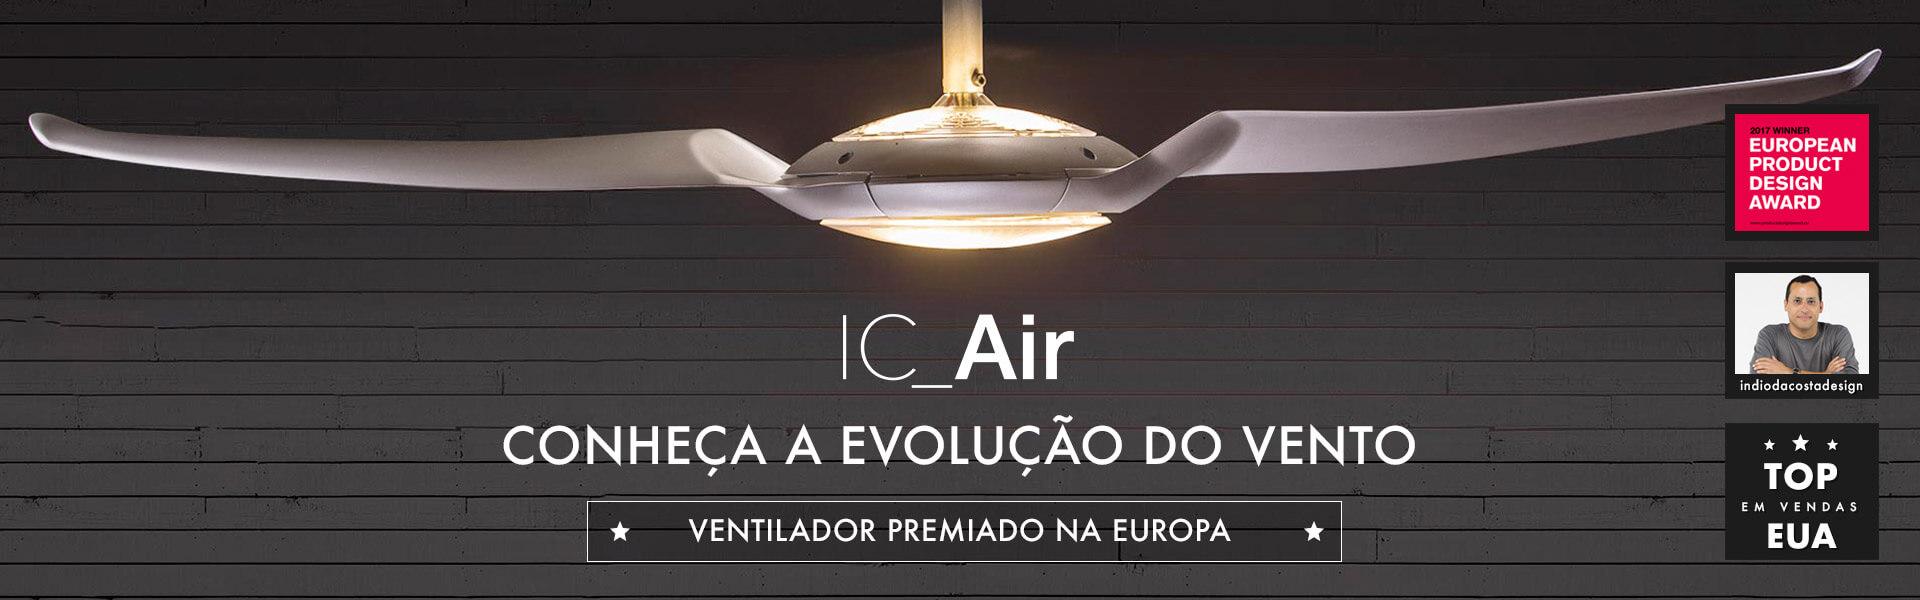 IC Air Lançamento